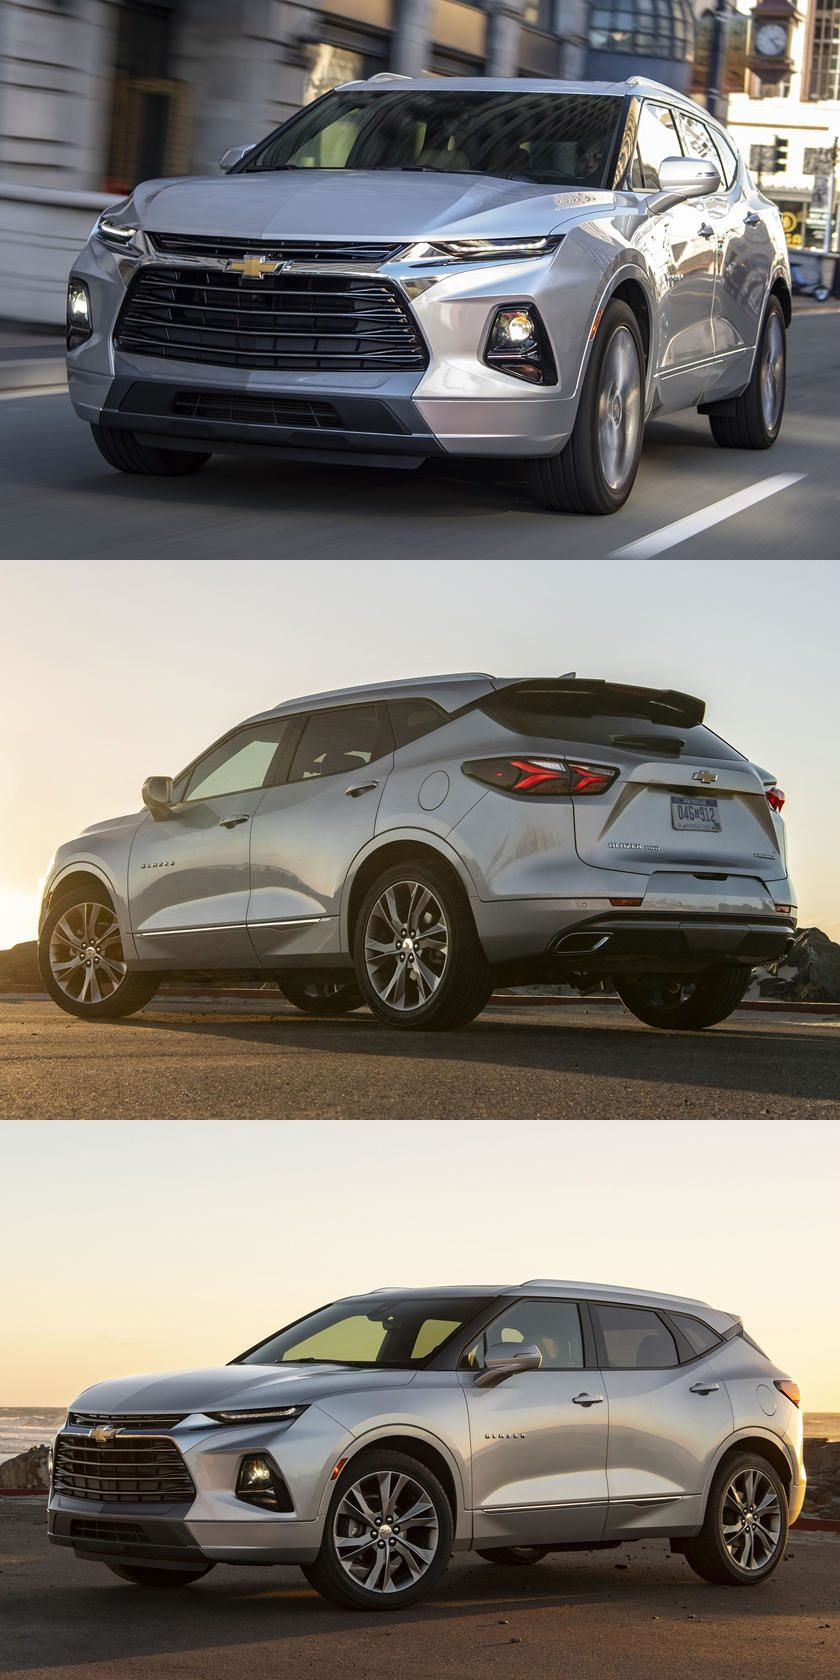 2020 Chevrolet Blazer Turbo Boasts Improved Economy. Find